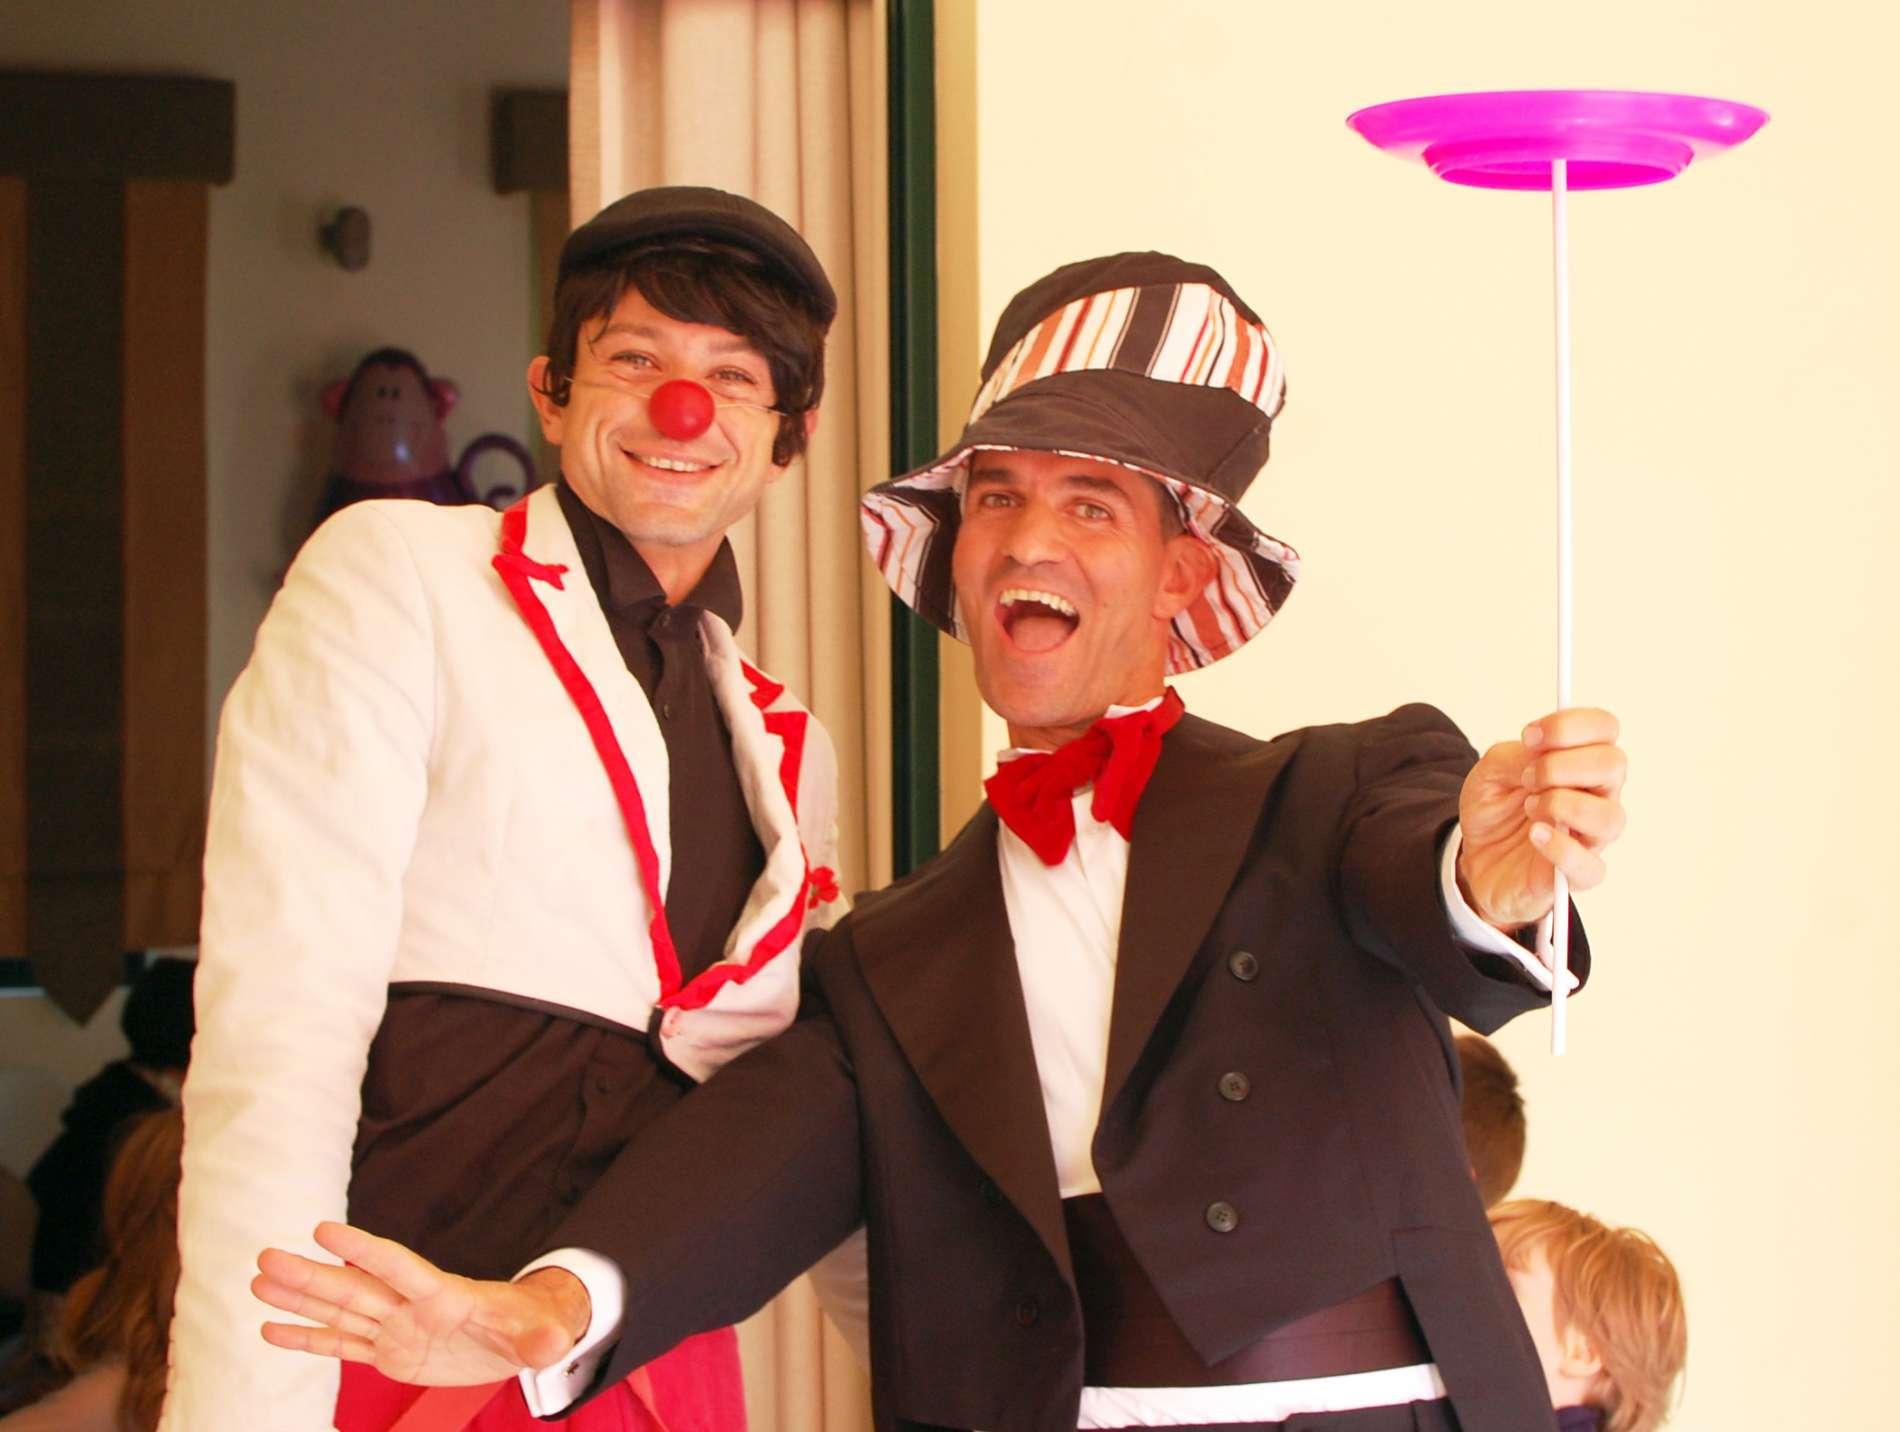 Ανιματέρ καλοντυμένοι και χαμογελαστοί διασκεδάζουν παιδιά σε παιδικό πάρτυ